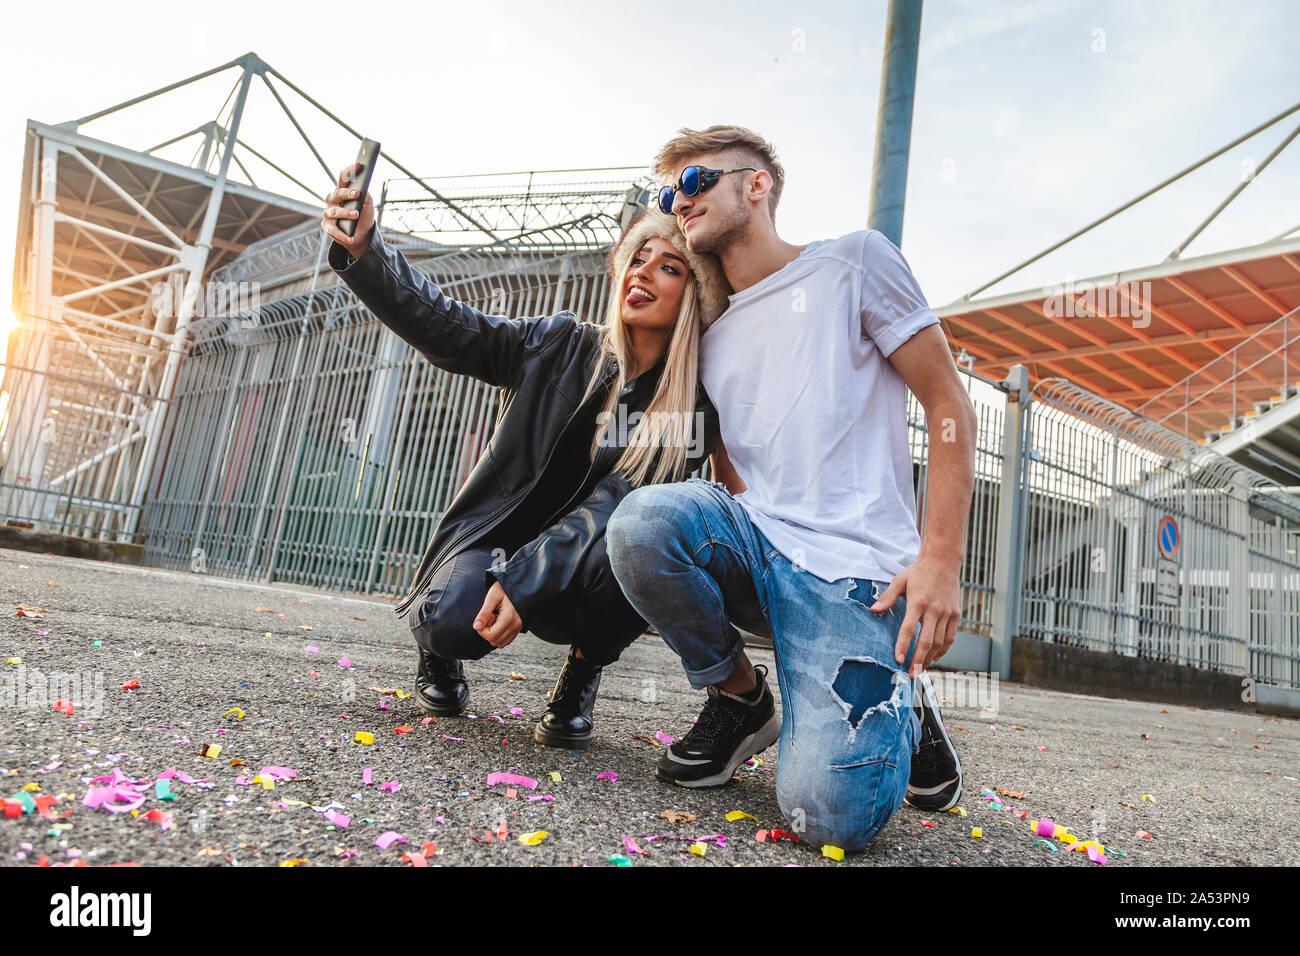 Paar der jungen schönen Liebhaber ein selfie auf dem großen Platz von einem Stadion Stockfoto